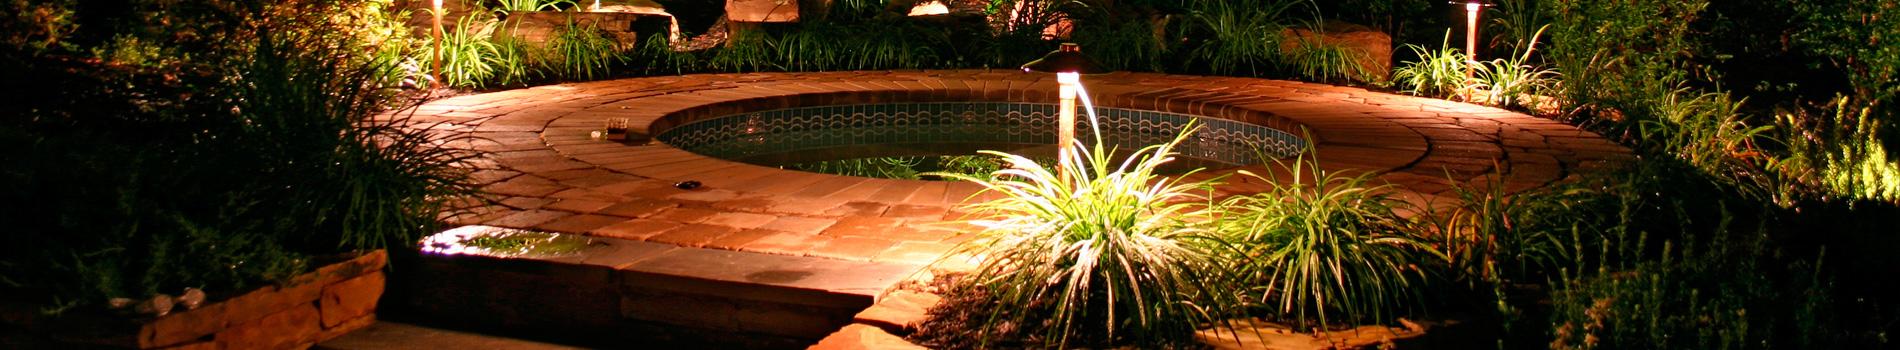 Iluminacion para jardin awesome consejos para la - Iluminacion para jardin ...